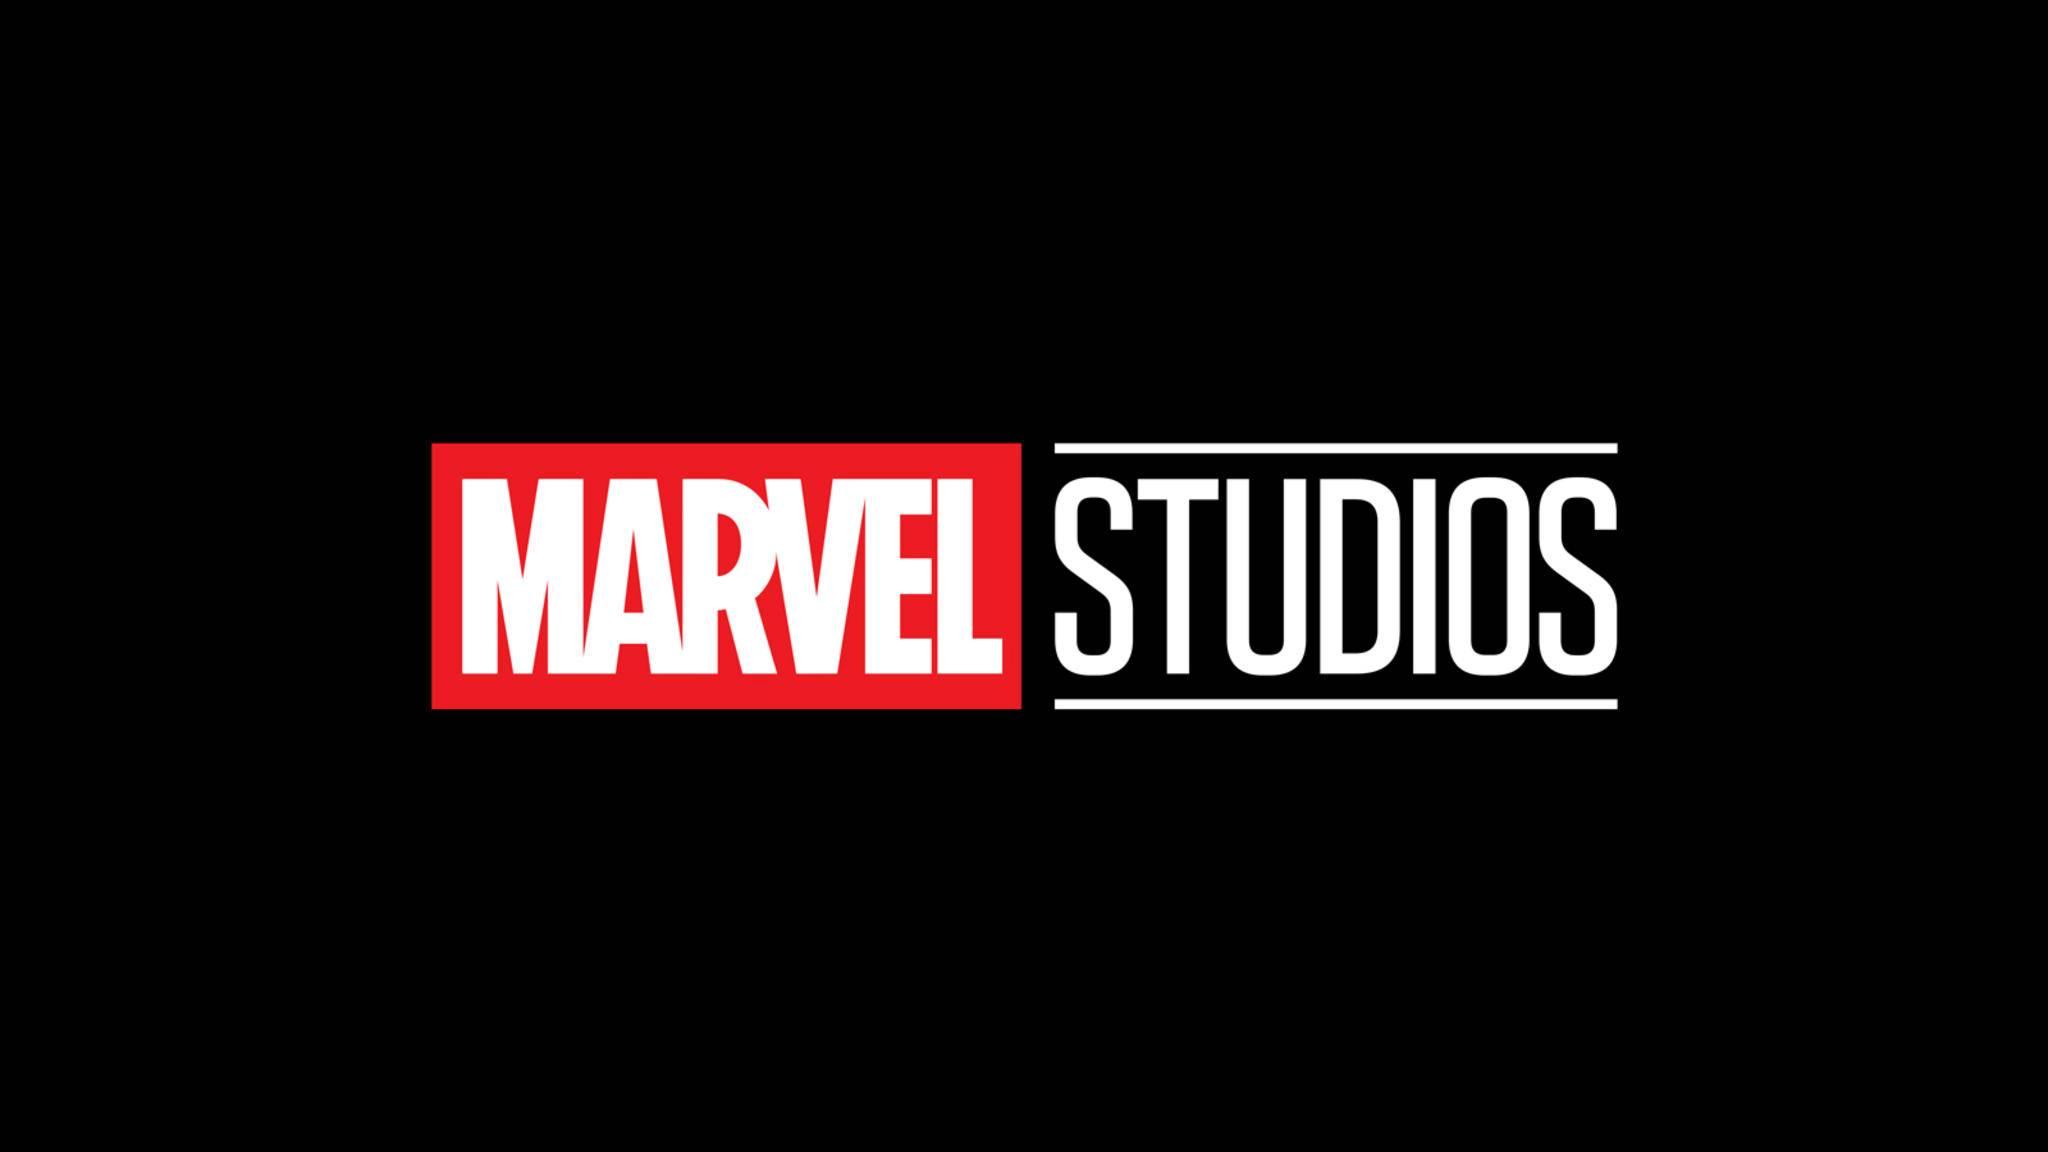 Nicht nur an den Kinokassen liegt Marvel zurzeit weit vorne, auch in Sachen Serien hat der Comic-Riese große Pläne.